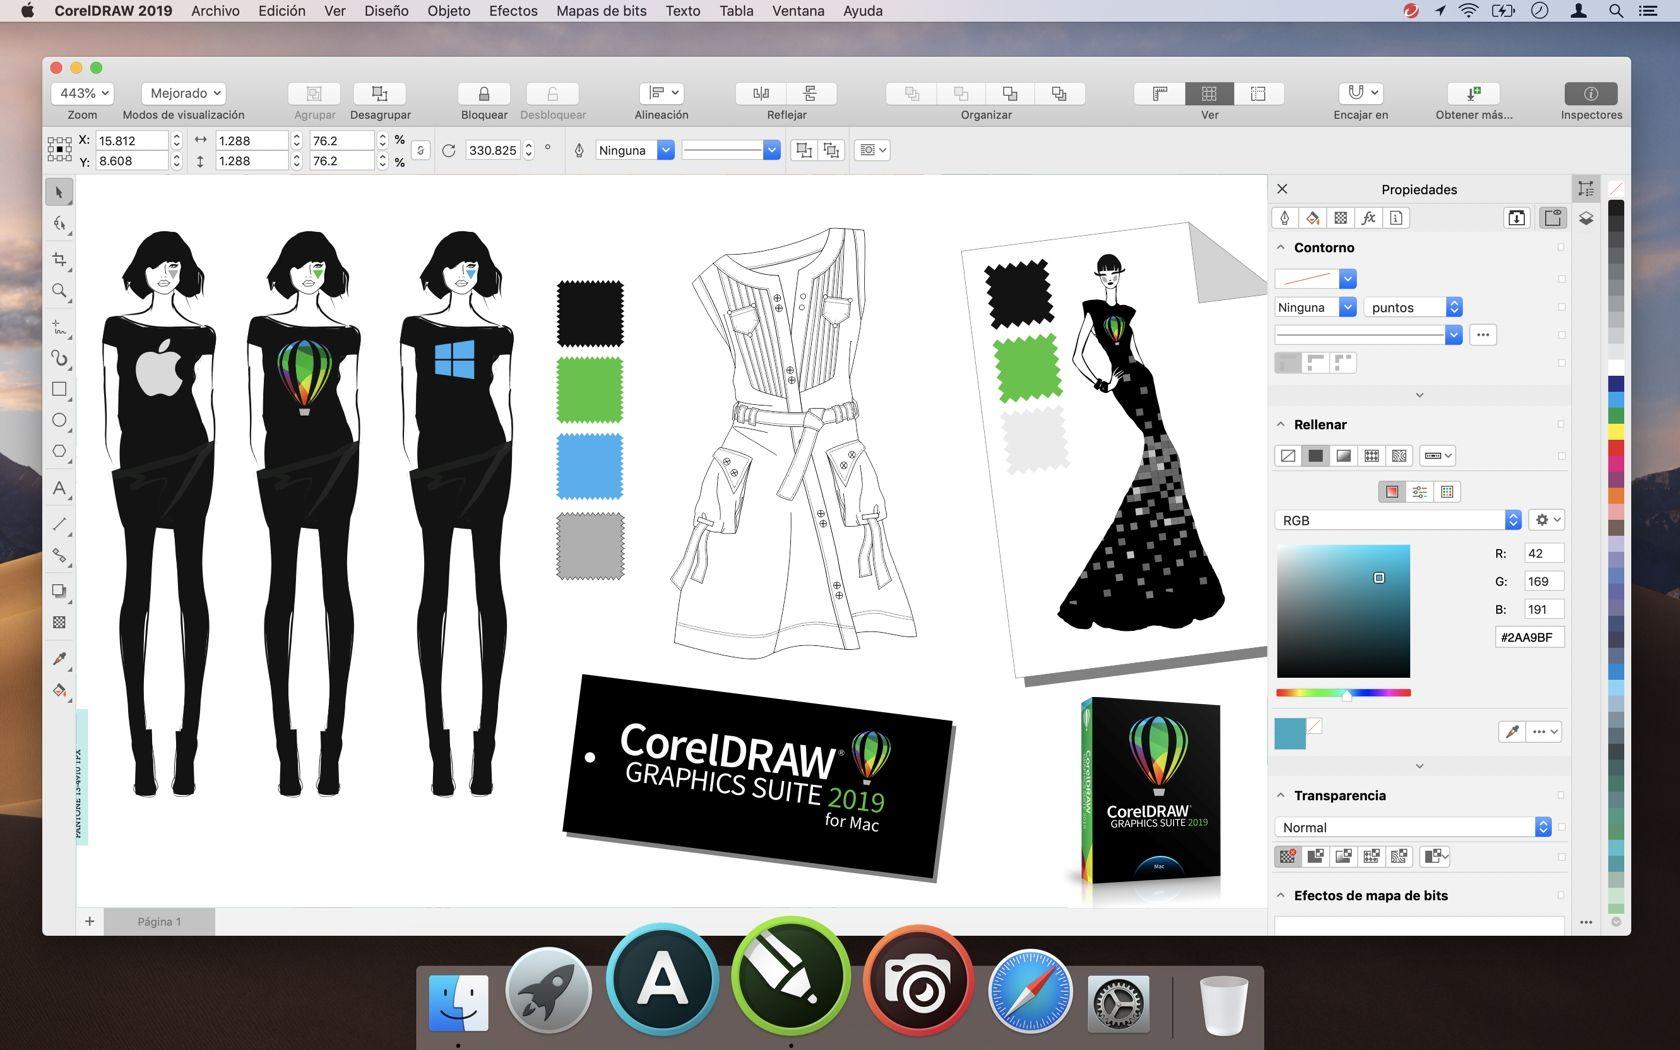 Diseno De Moda Con Coreldraw Para Mac Diseno De Modas Programas De Diseno Software De Diseno